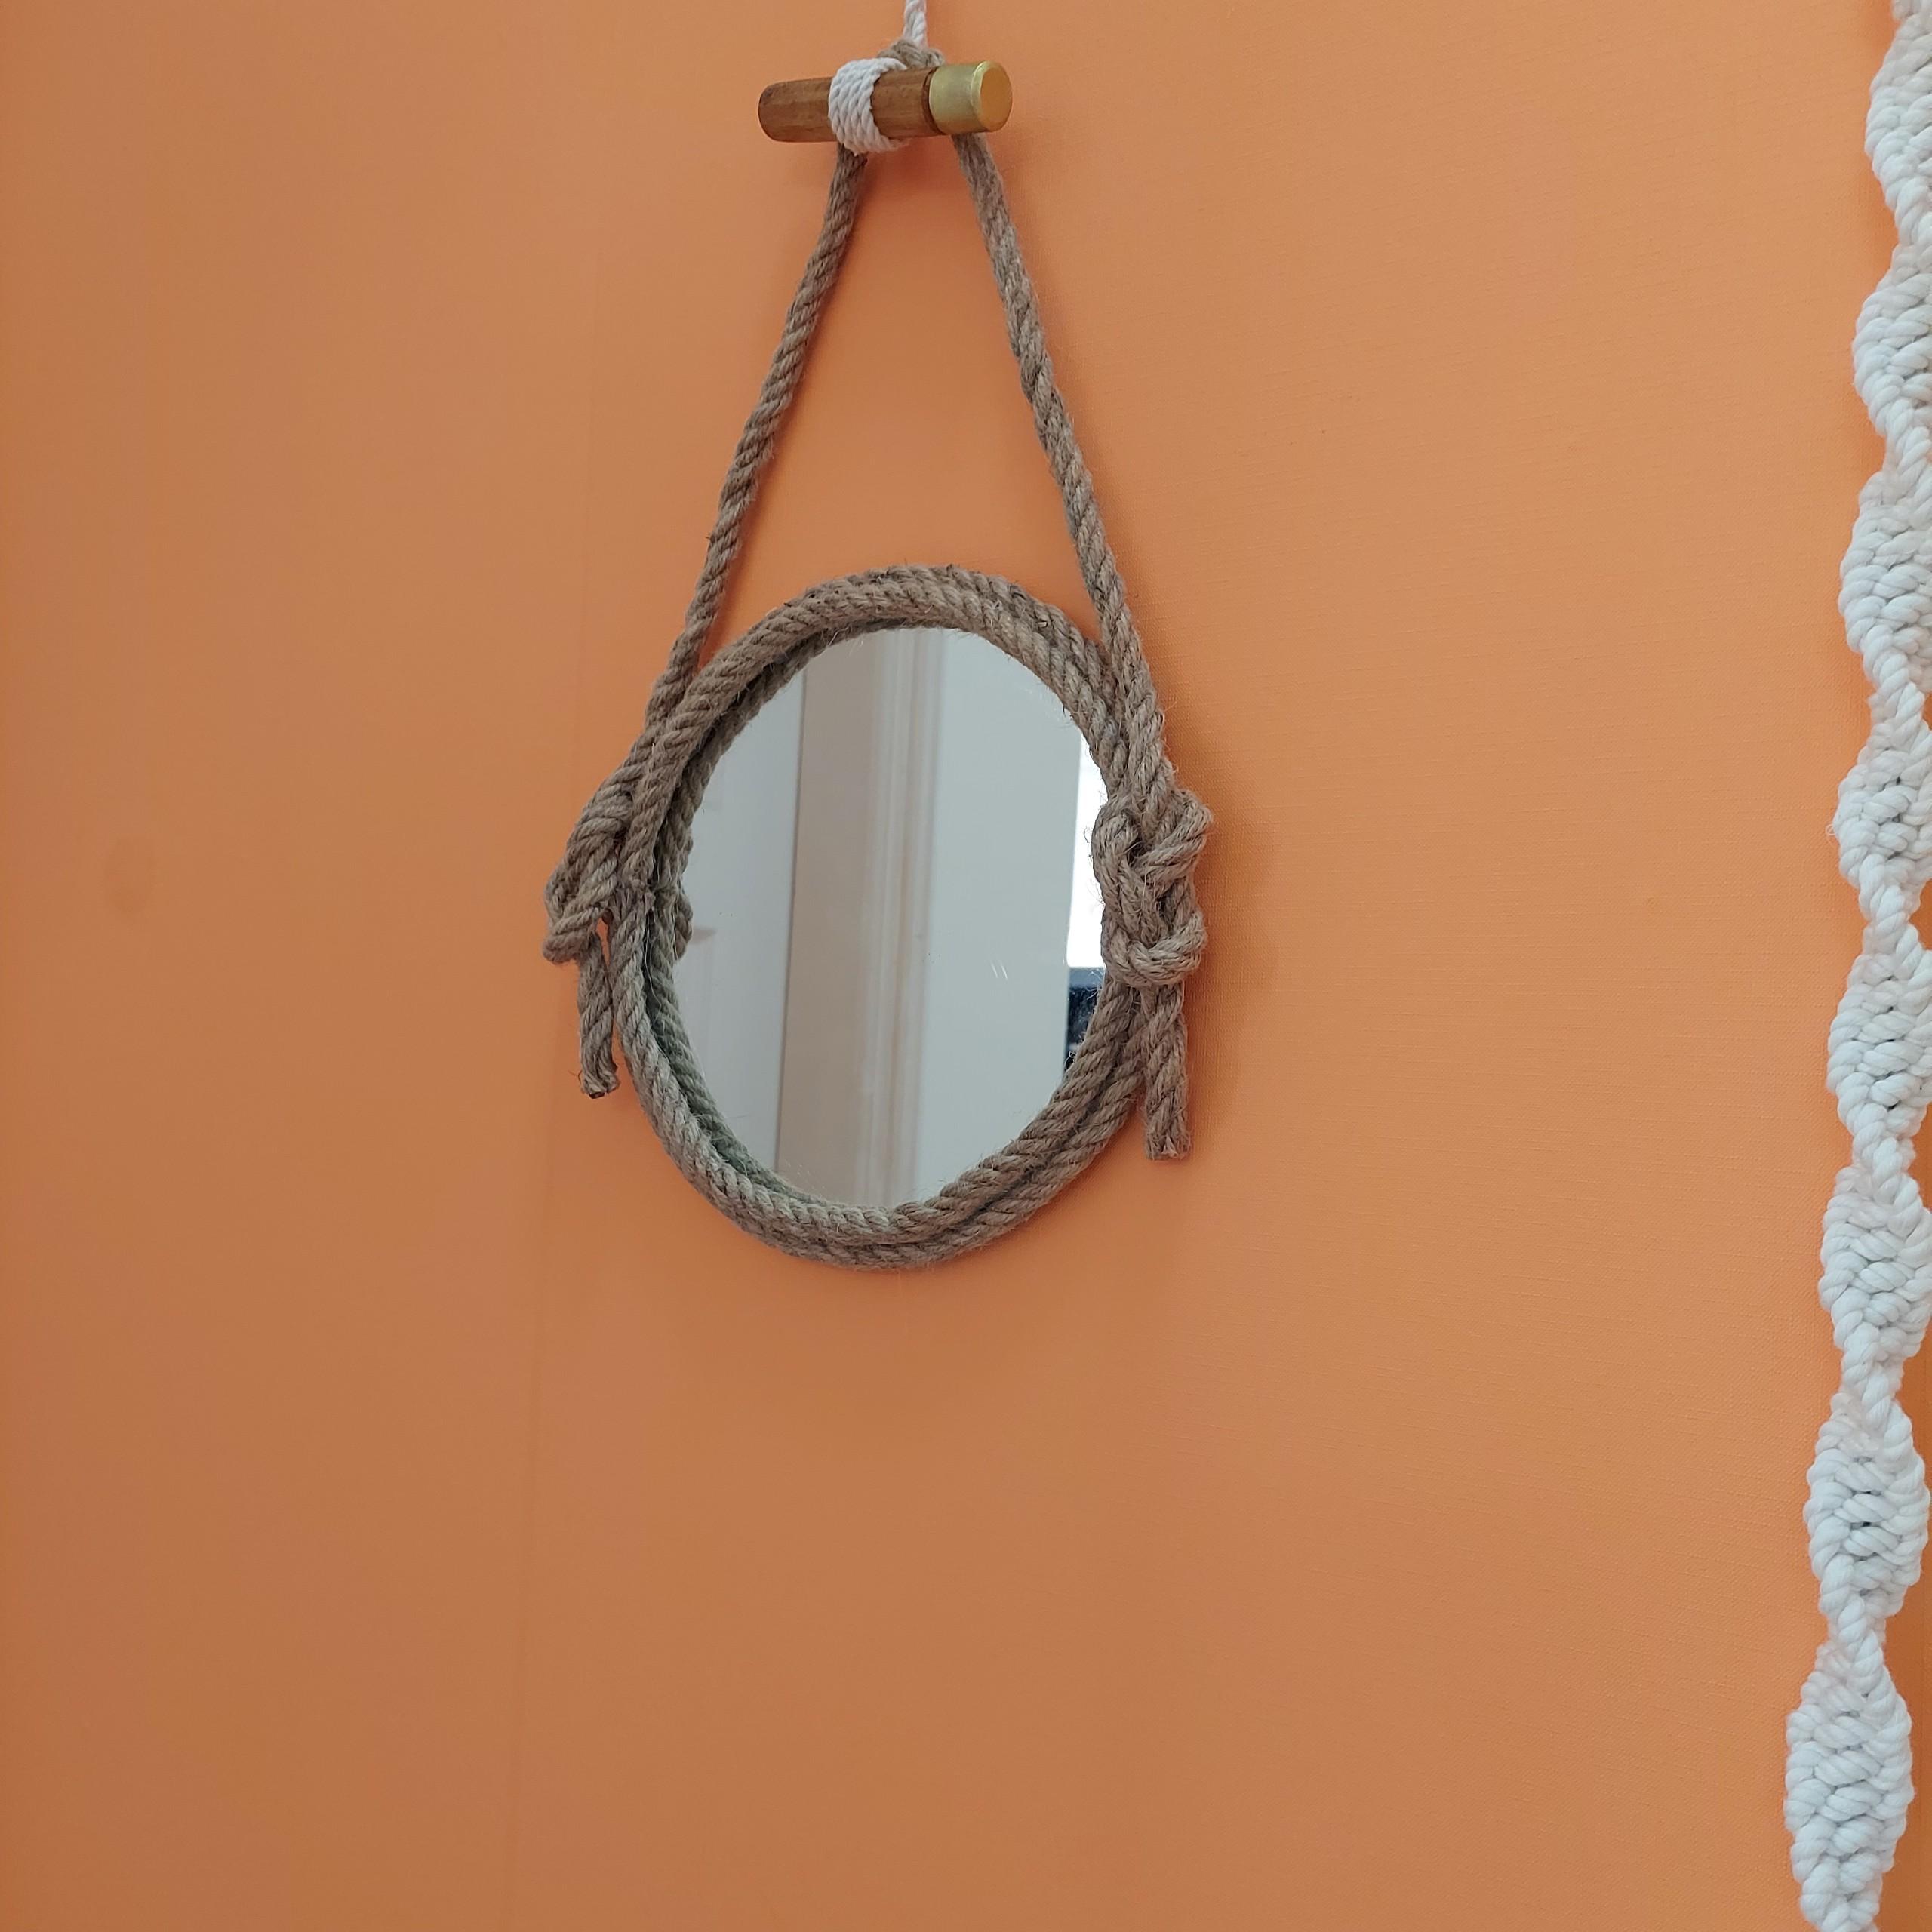 Gương trang trí trang điểm treo tường phôi Bỉ kết hợp dây thừng